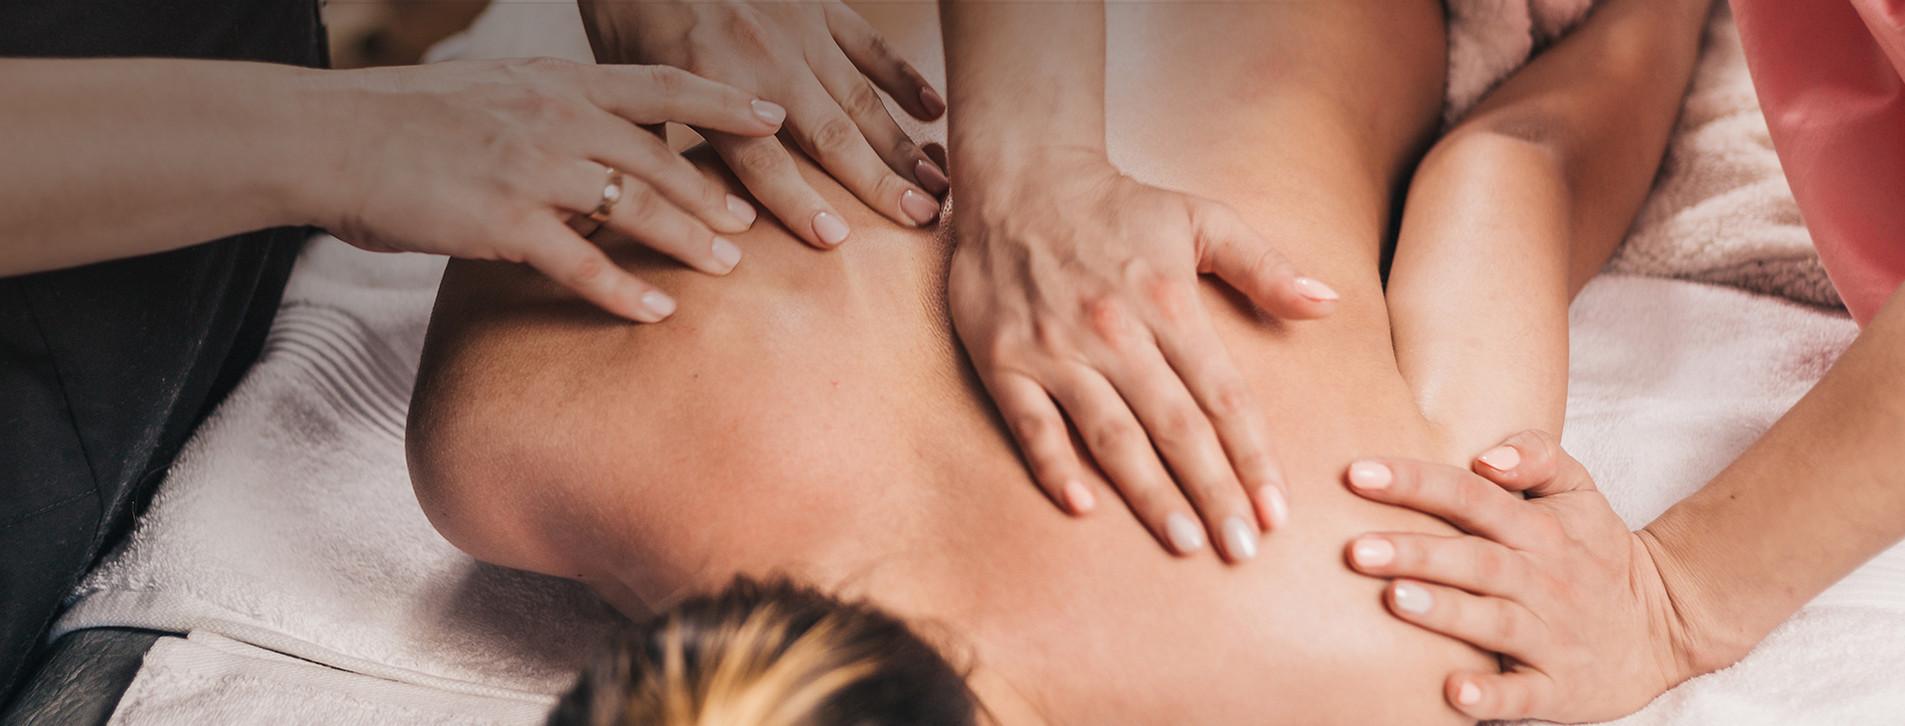 Фото 1 - Урок массажа для двоих